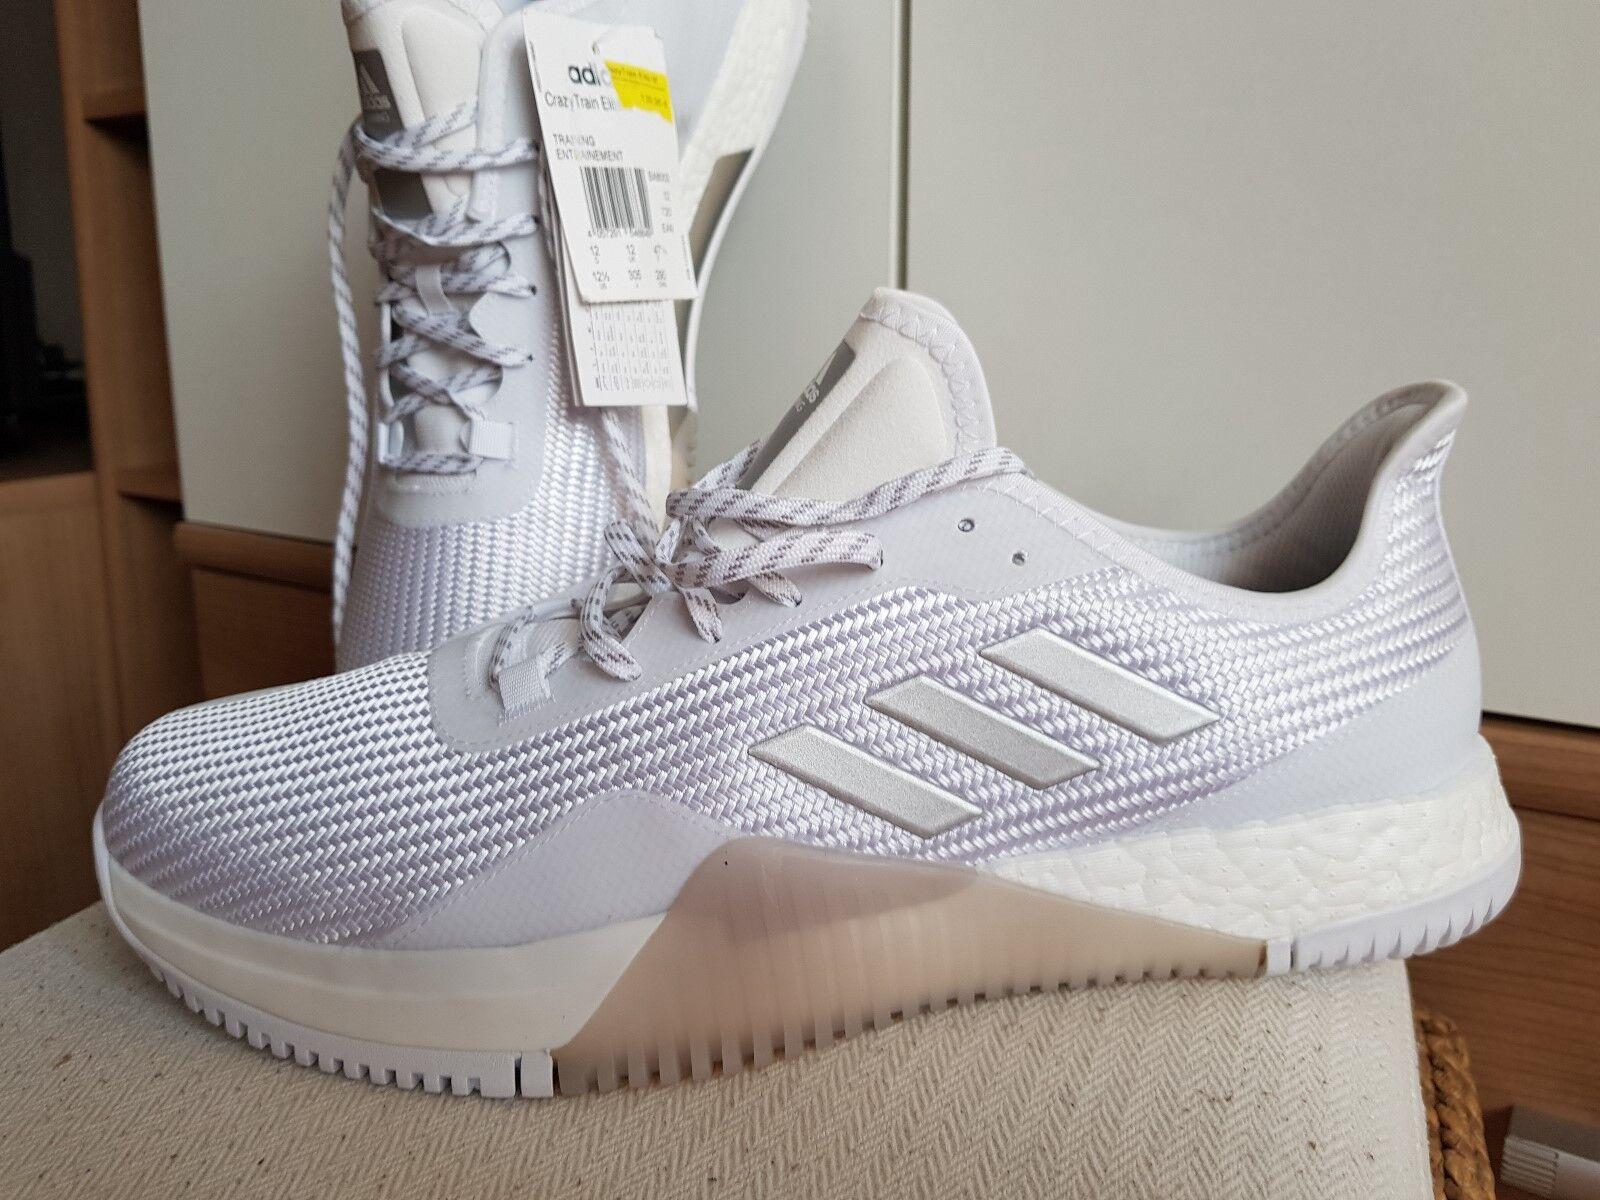 Adidas Herrenschuhe,Turnschuhe,NEU, Boost Crazy Train Elite Herrenschuhe,Turnschuhe,NEU, Adidas mit Etikett, Gr.47,5 3f7ba3